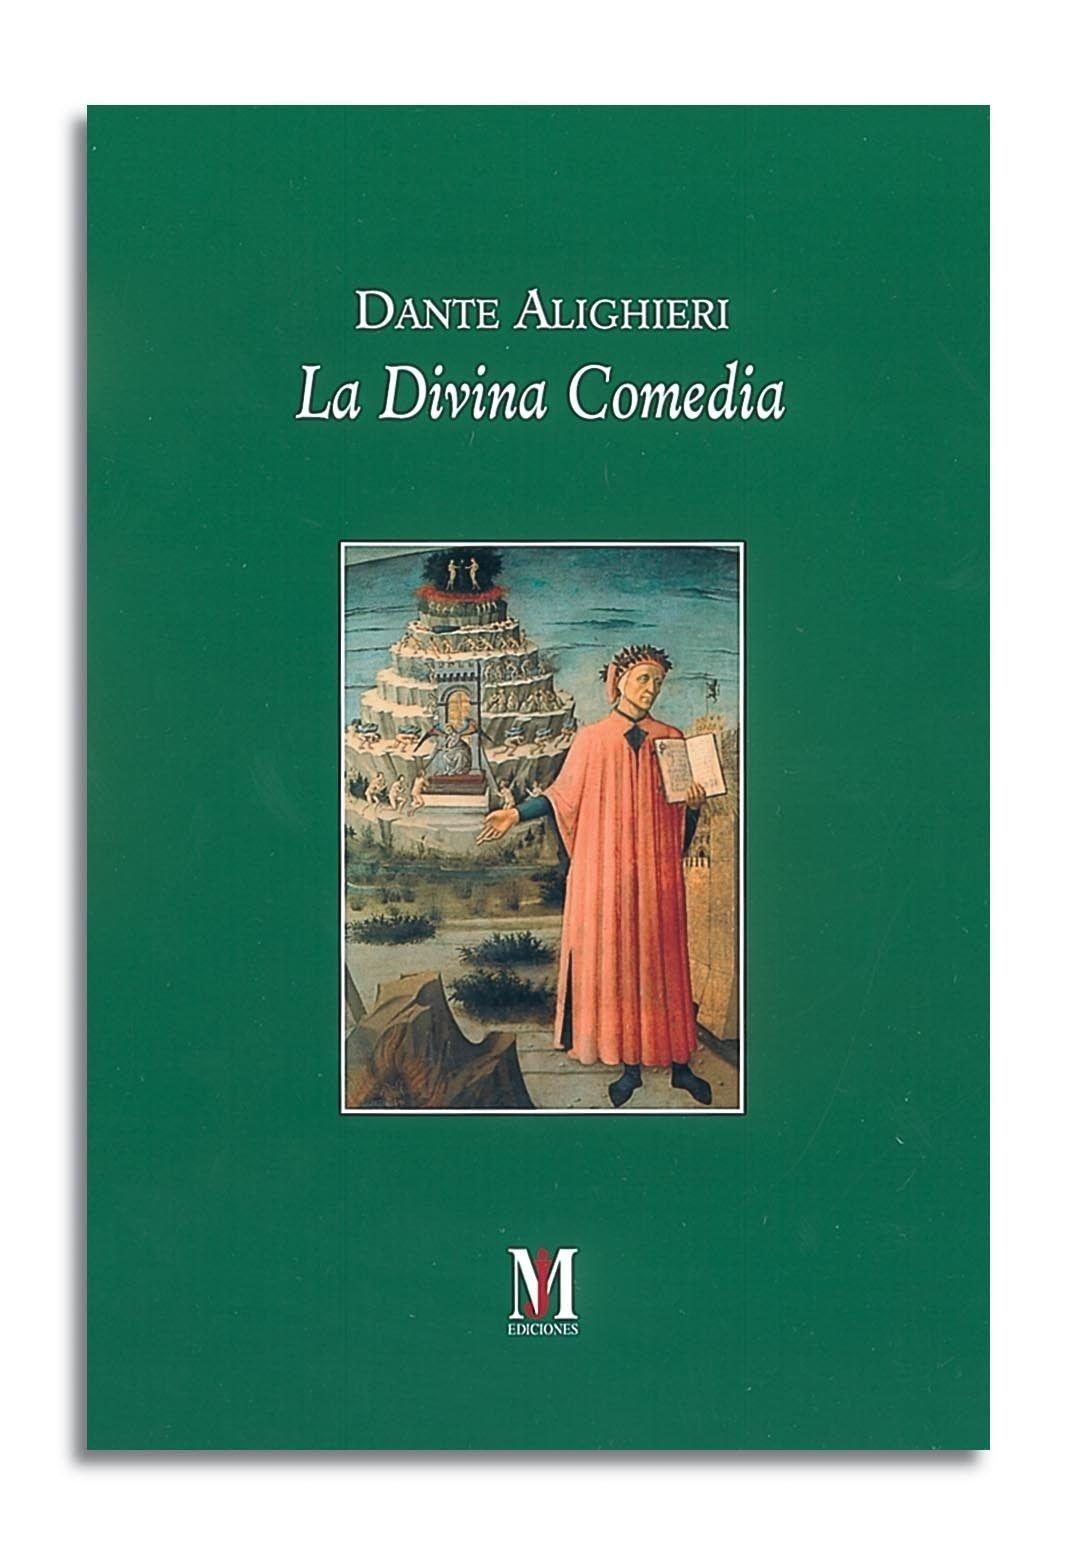 Pin de ROMULOVER en libros/books La divina comedia